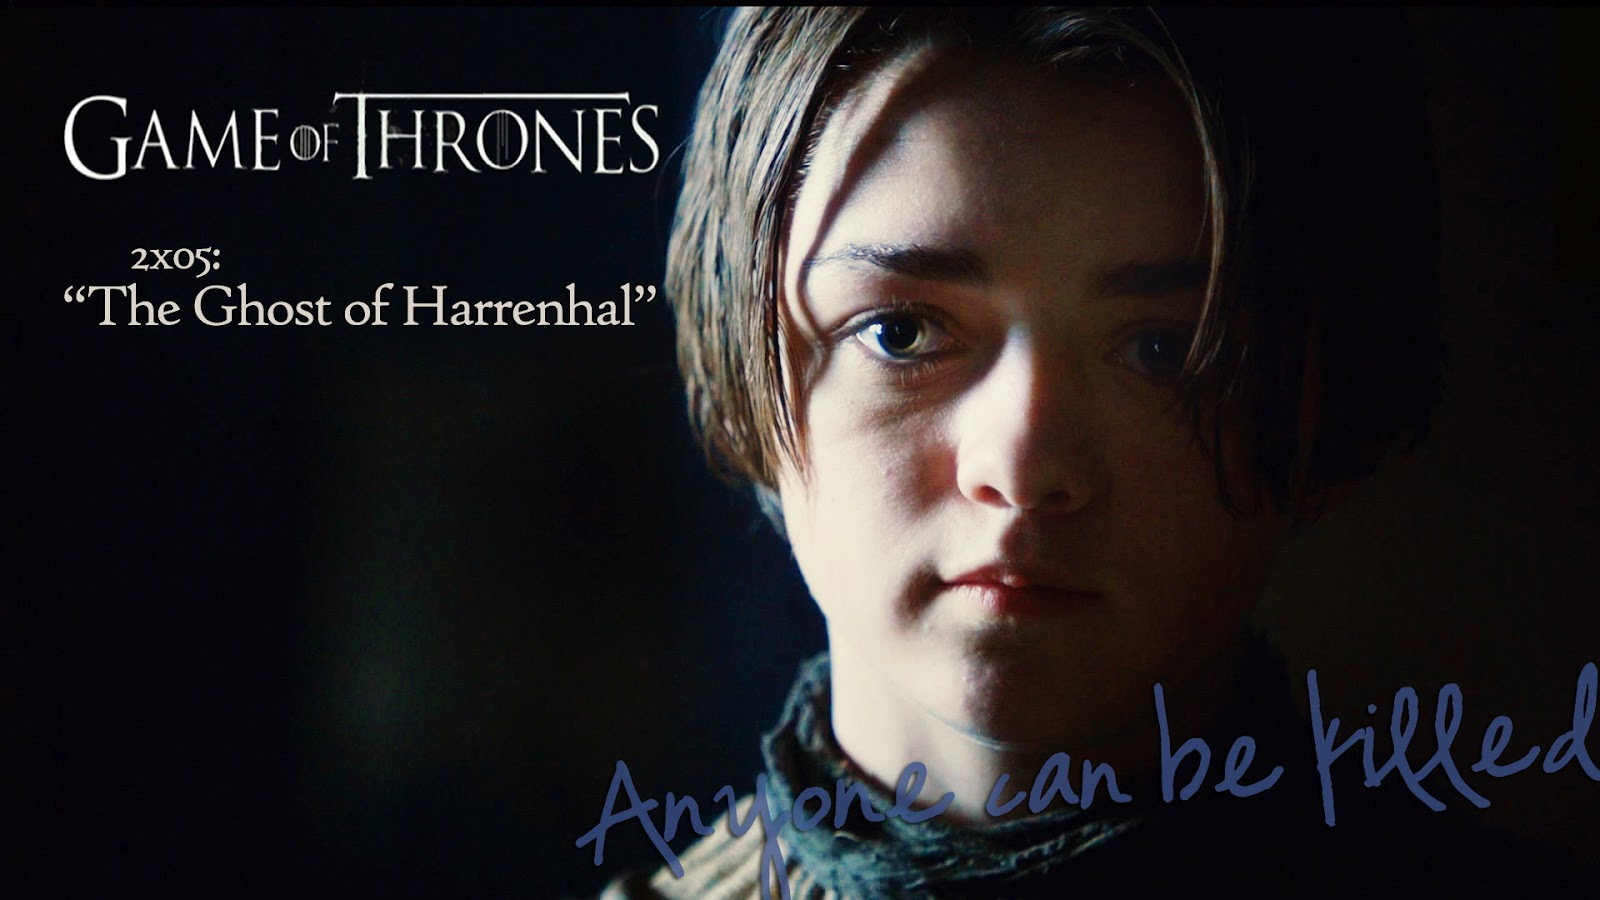 Game Of Thrones 2x04 39 Garden Of Bones 39 2x05 39 The Ghost Of Harrenhal 39 Review Llegaron